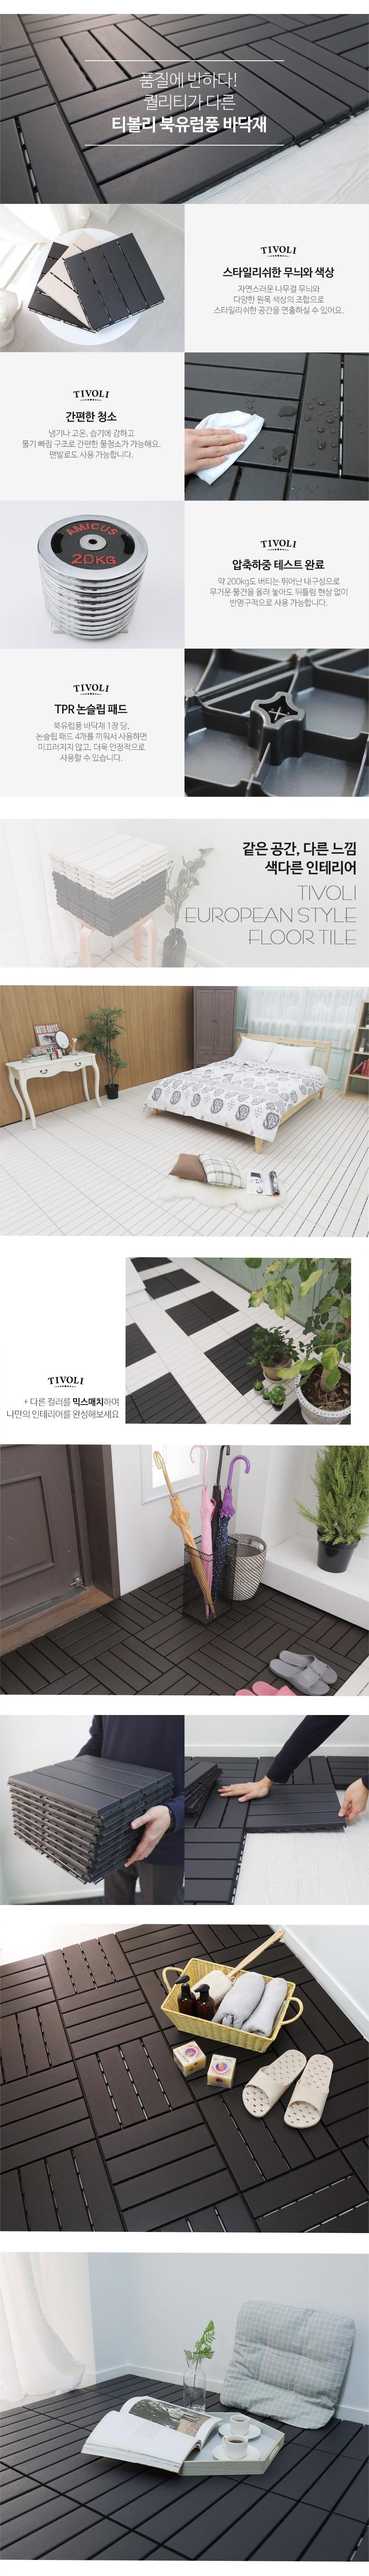 조립식 마루 데코 타일 베란다 현관 - 데코사랑, 30,770원, 장식/부자재, 바닥장식